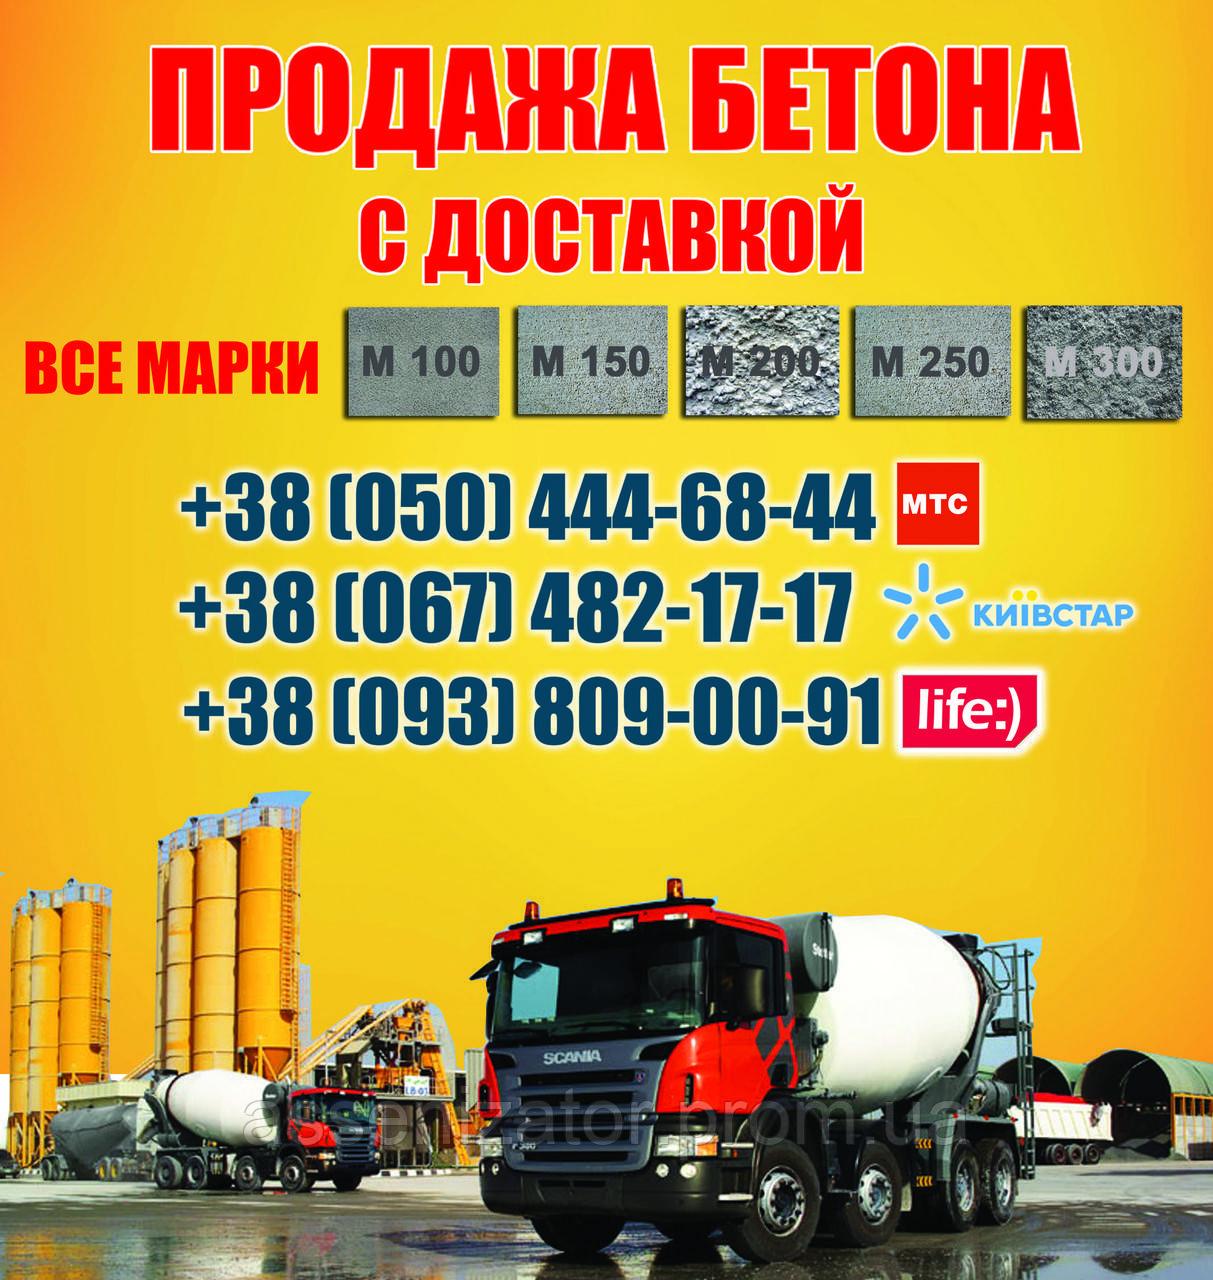 Бетон Артемово. Купить бетон в Артемово. Цена за куб по Артемово. Купить с доставкой АРТЕМОВО.